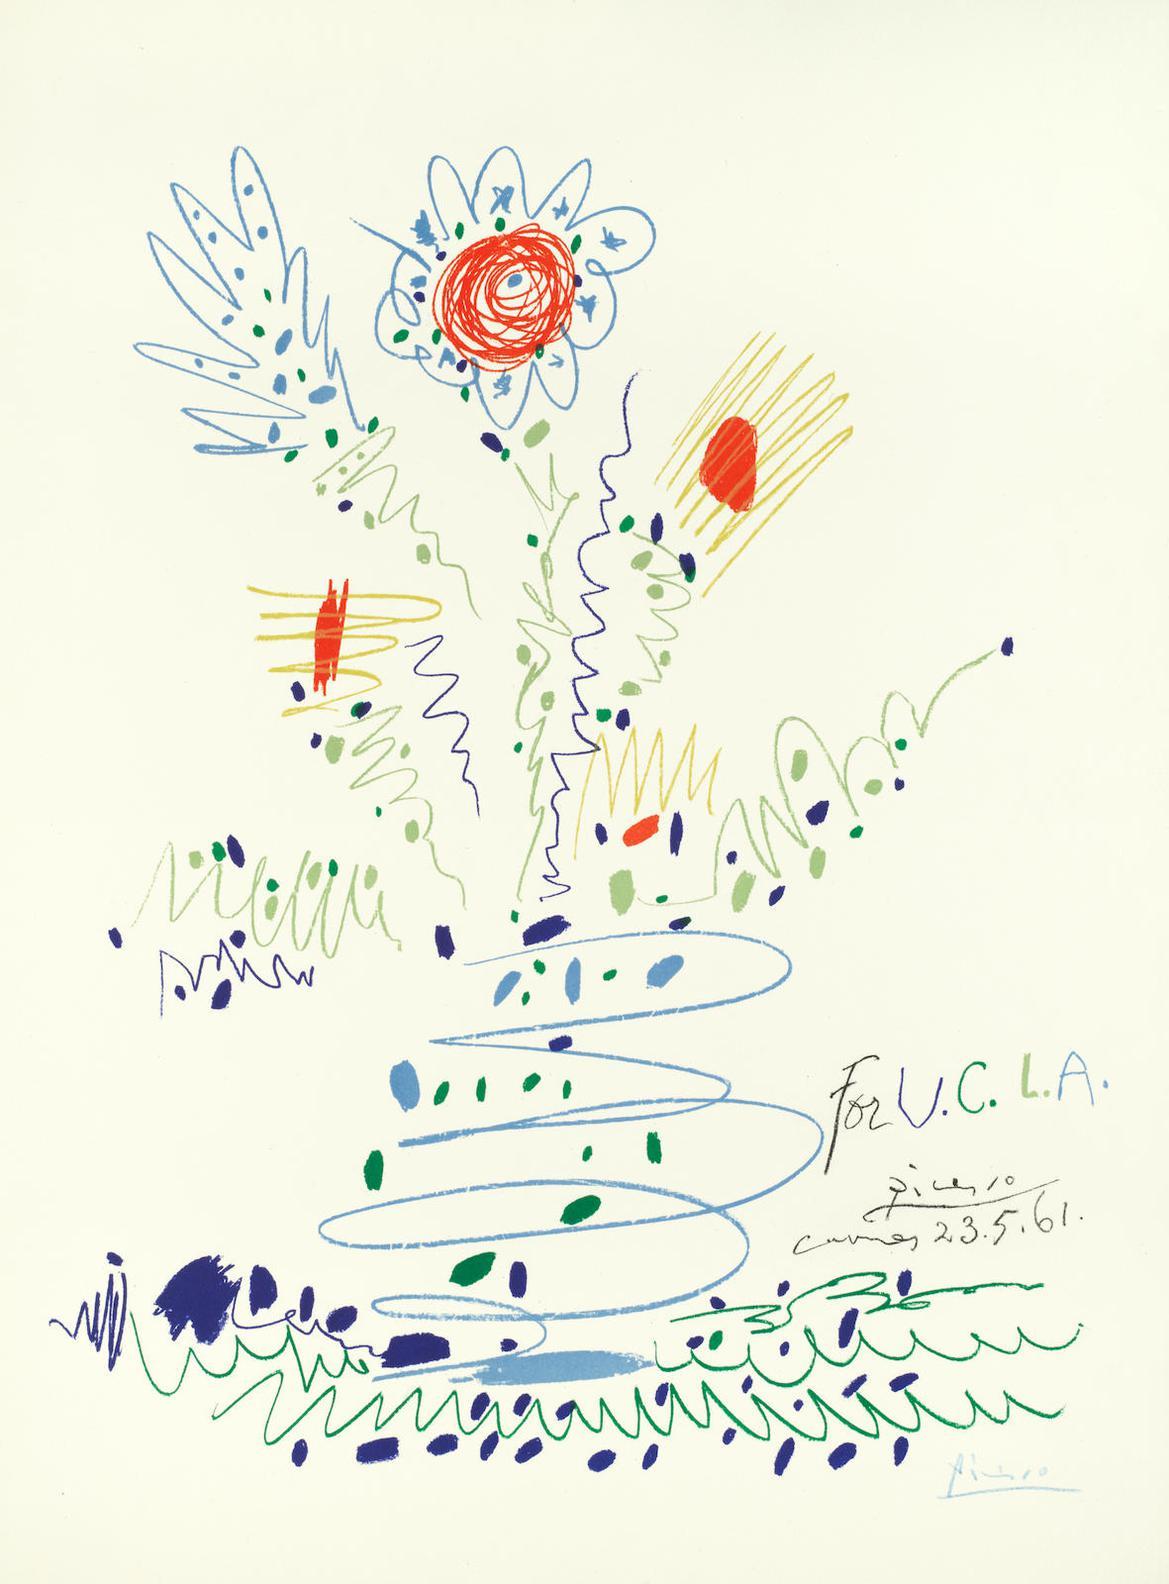 Pablo Picasso-Fleurs (For U.C.L.A.)(Bloch 1297; Mourlot 351)-1961